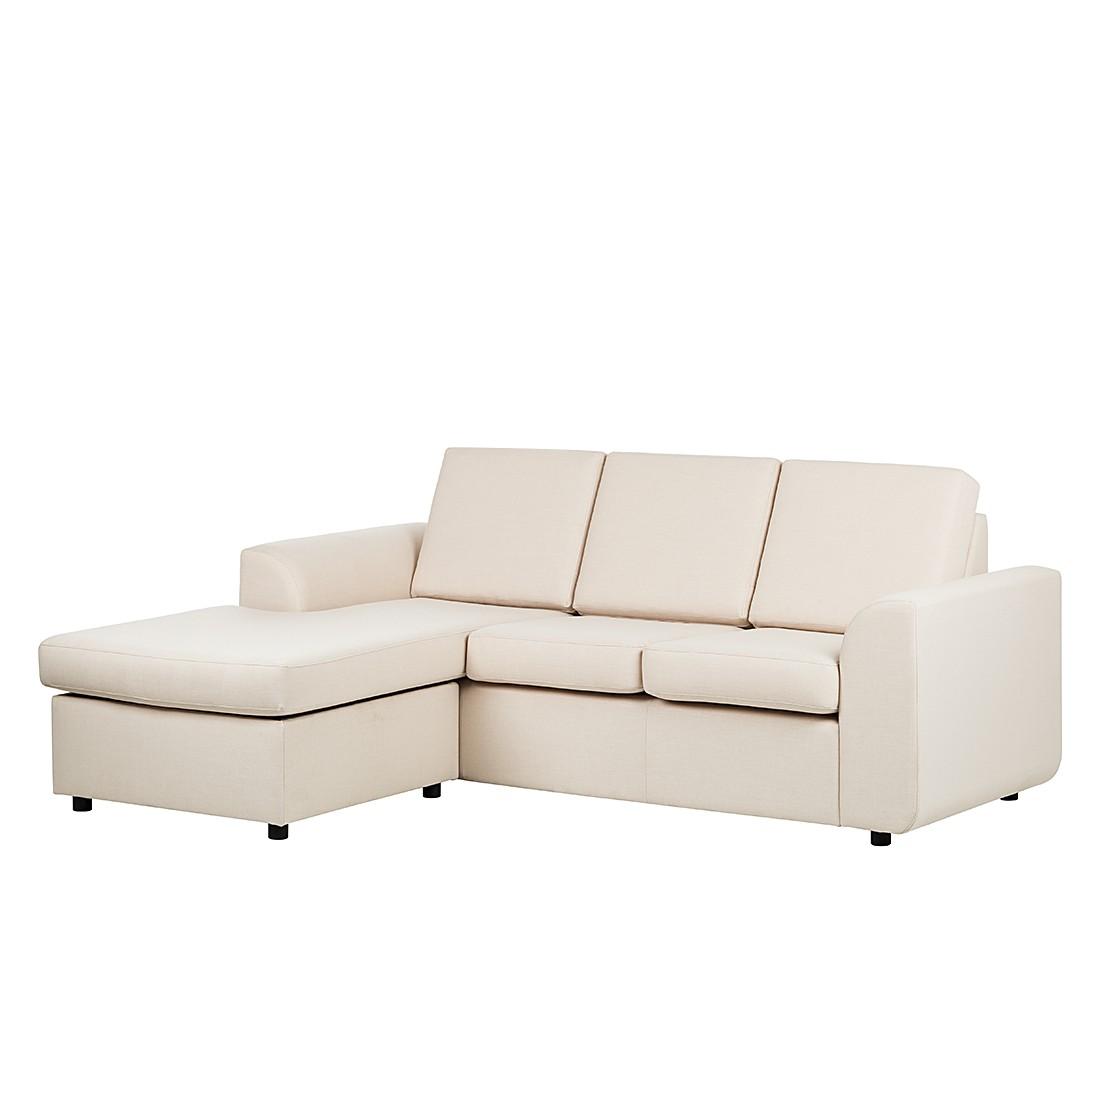 ecksofa sweet stoff beige ottomane links oder rechts. Black Bedroom Furniture Sets. Home Design Ideas